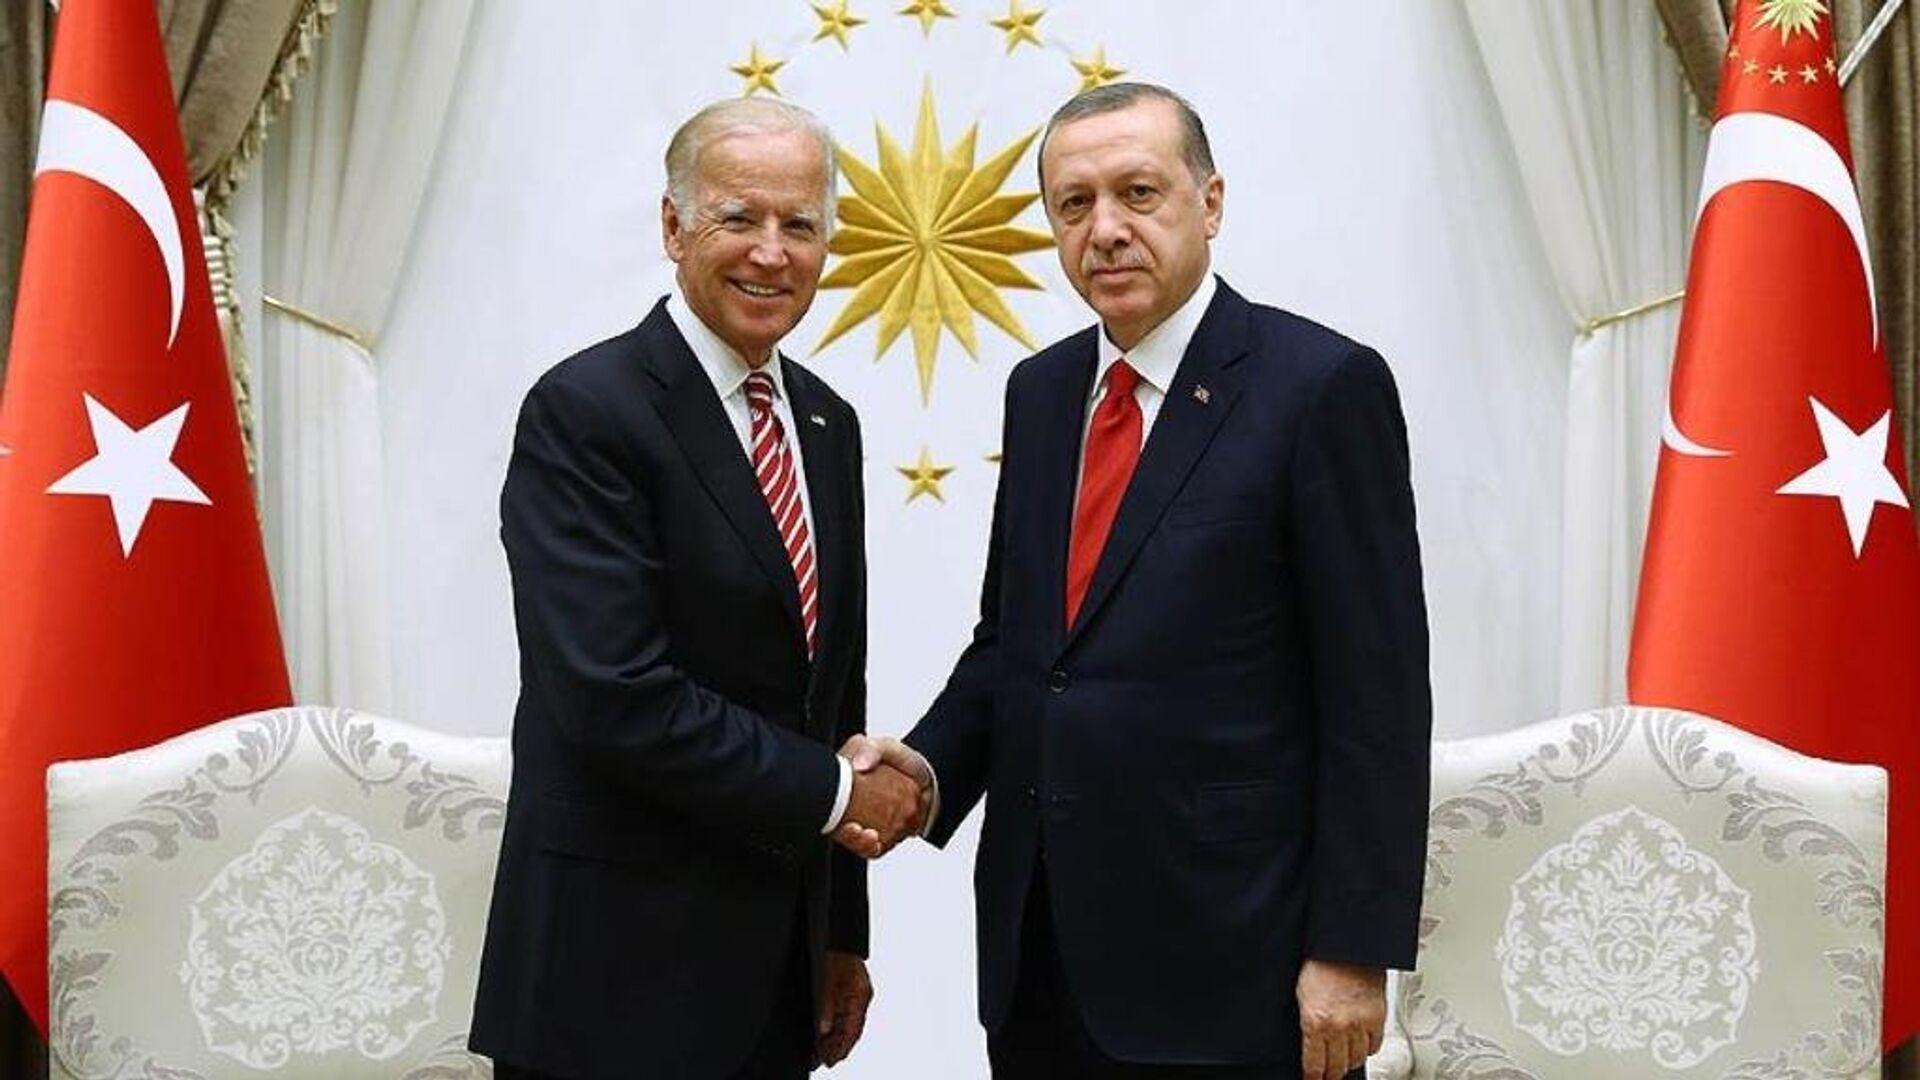 Joe Biden ve Recep Tayyip Erdoğan - Sputnik Türkiye, 1920, 05.06.2021